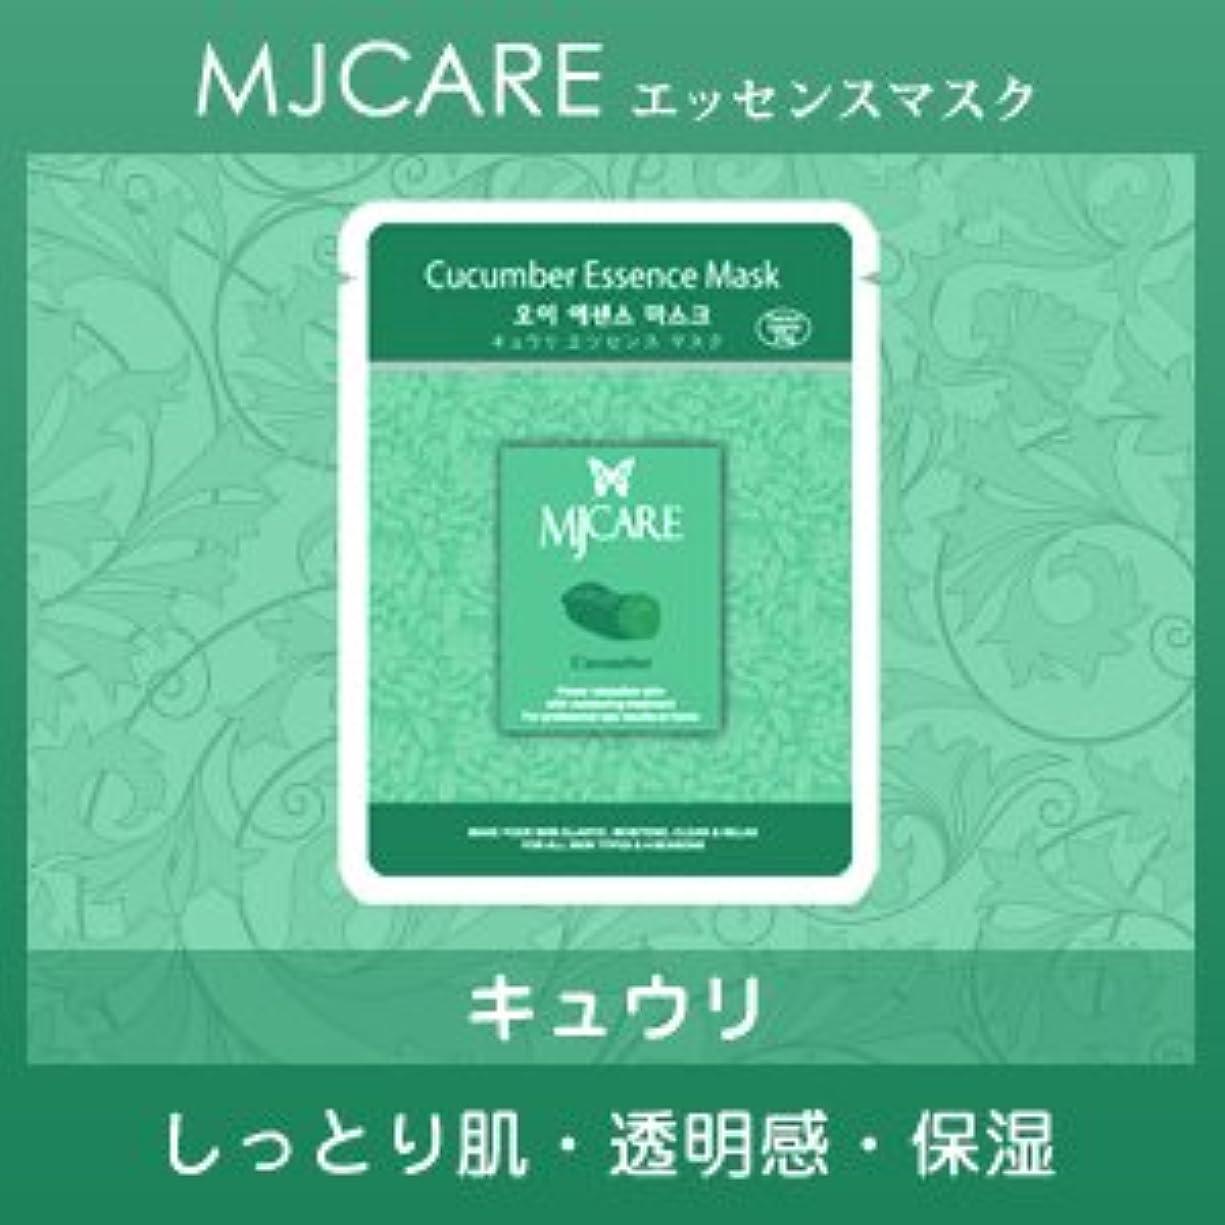 グループ光の半島MJCARE (エムジェイケア) キュウリ エッセンスマスク